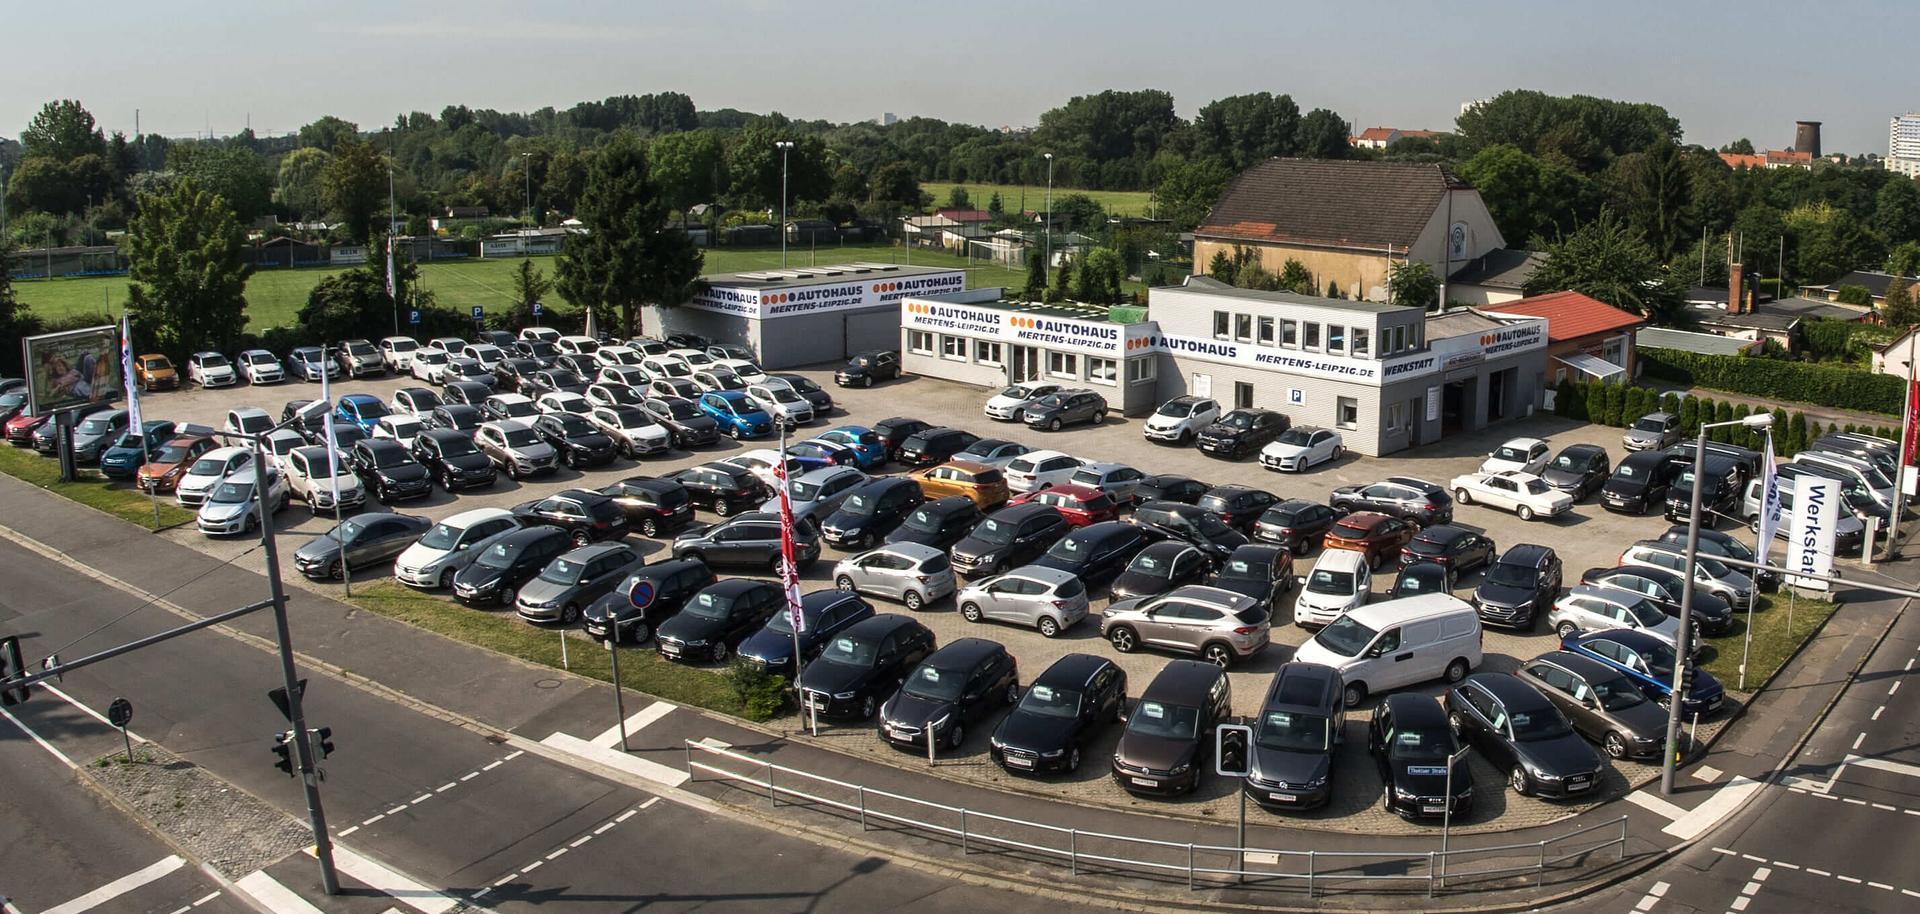 Autohaus Mertens - seit über 25 Jahren KfZ-Meisterbetrieb und Partner für gute Autos